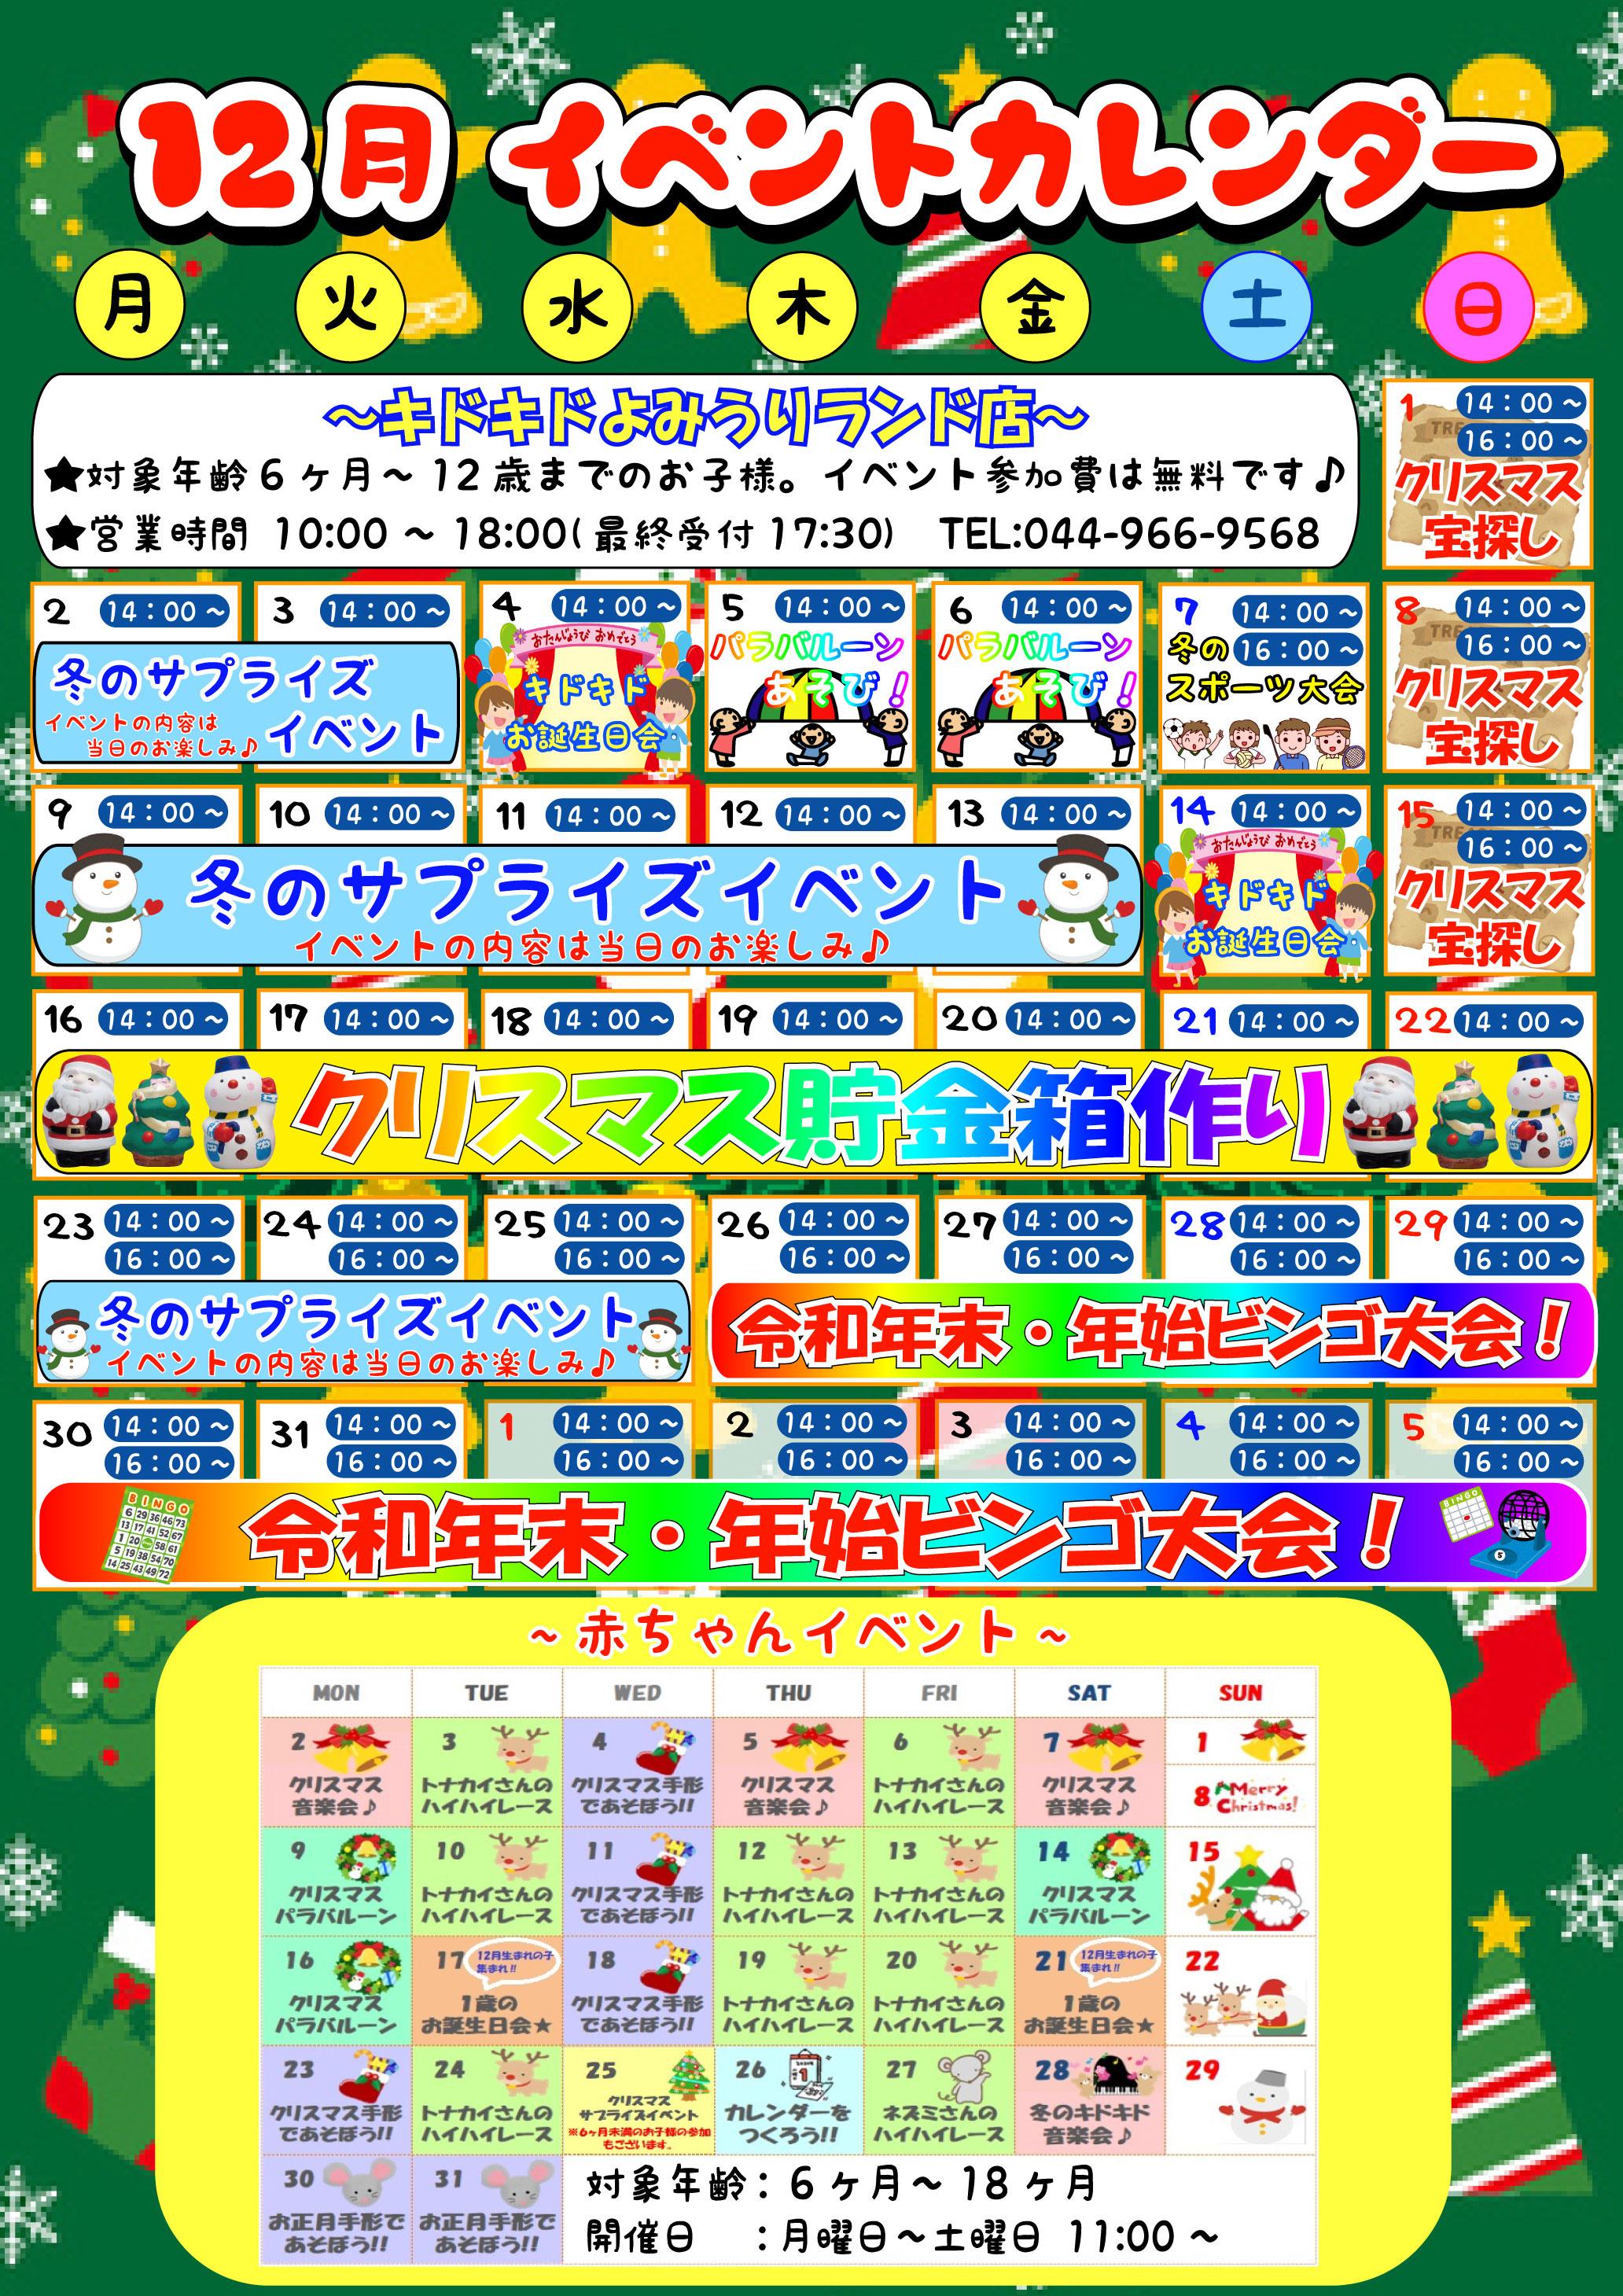 ★12月 イベントカレンダー★